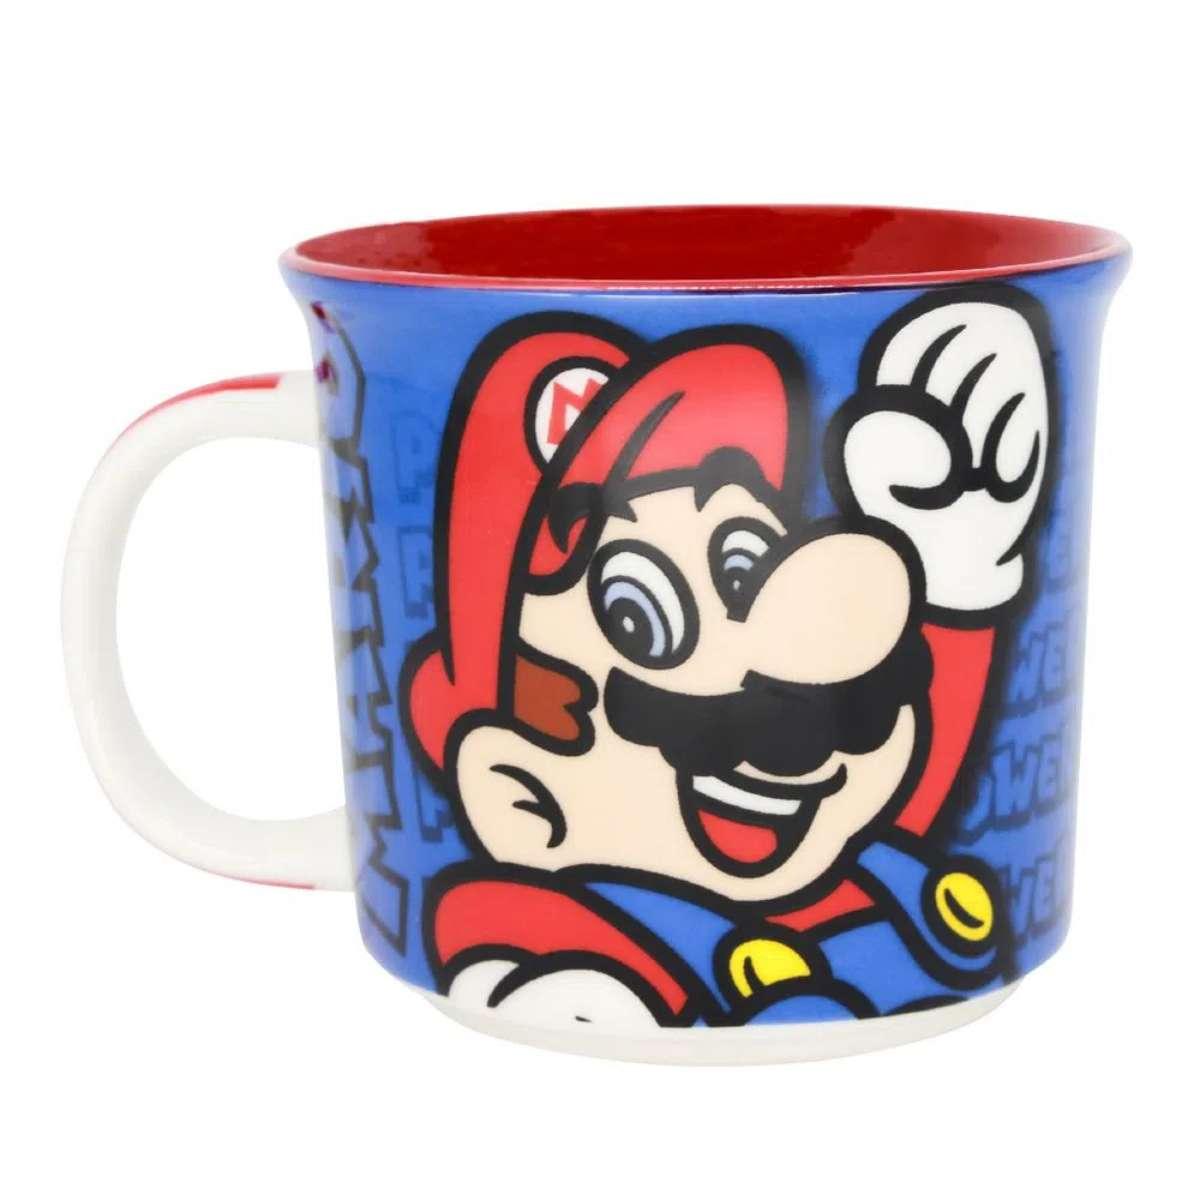 Caneca Super Mario Bros Ação Nintendo